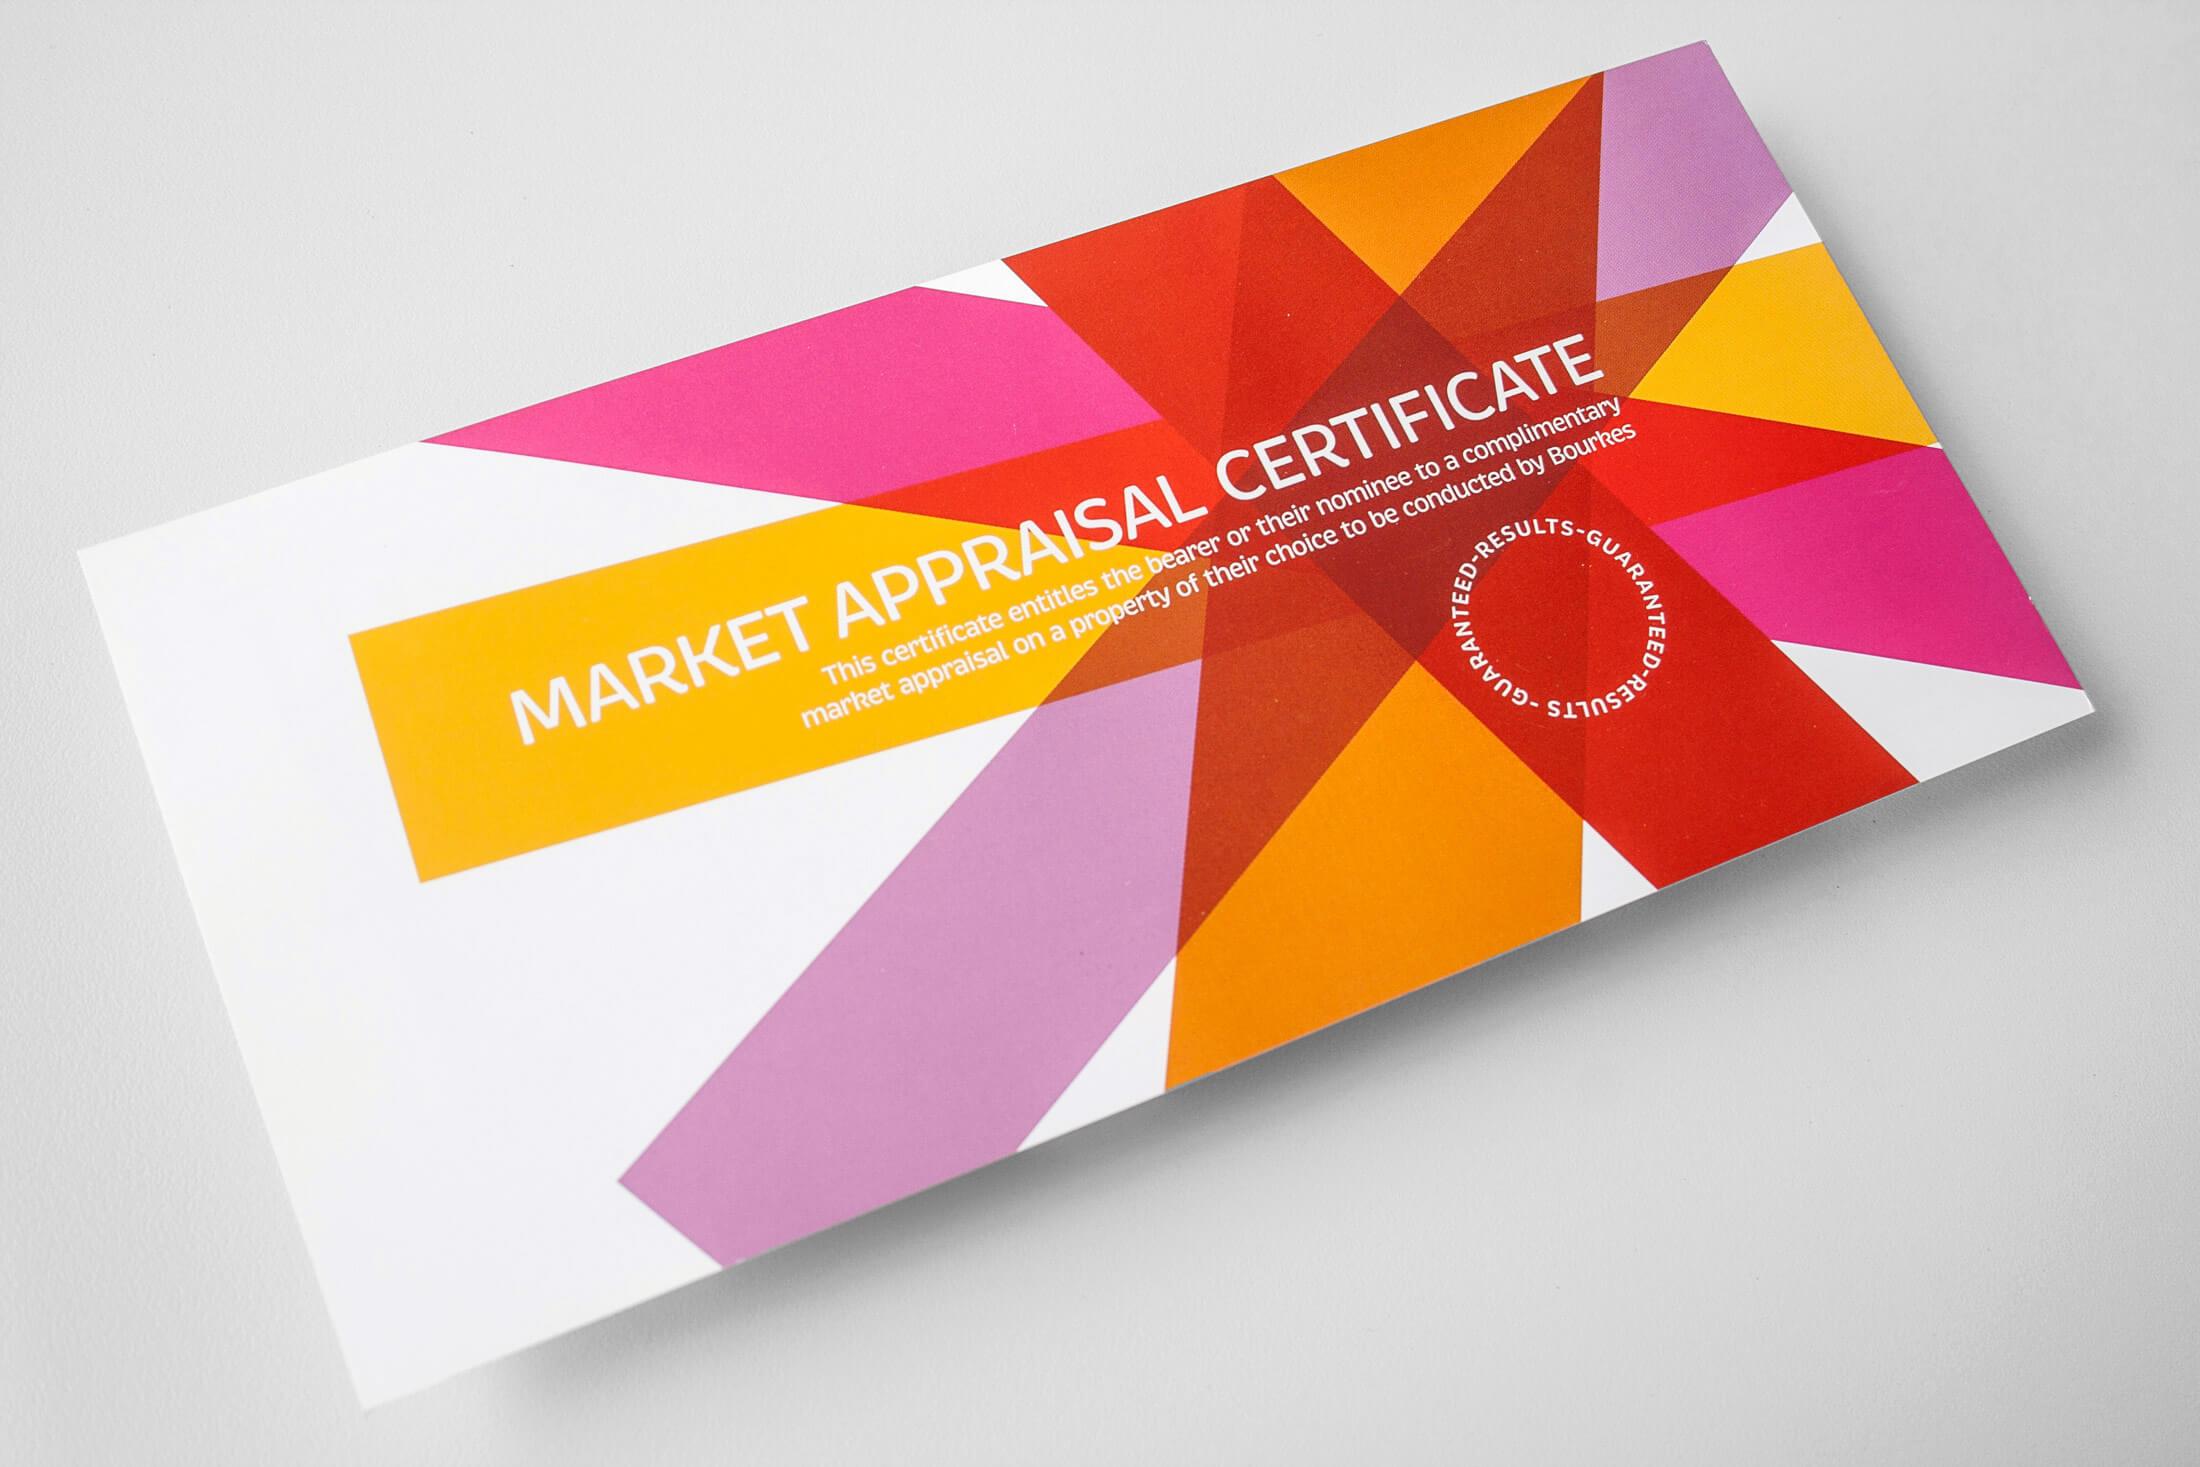 bourkes-market-appraisal-certificate